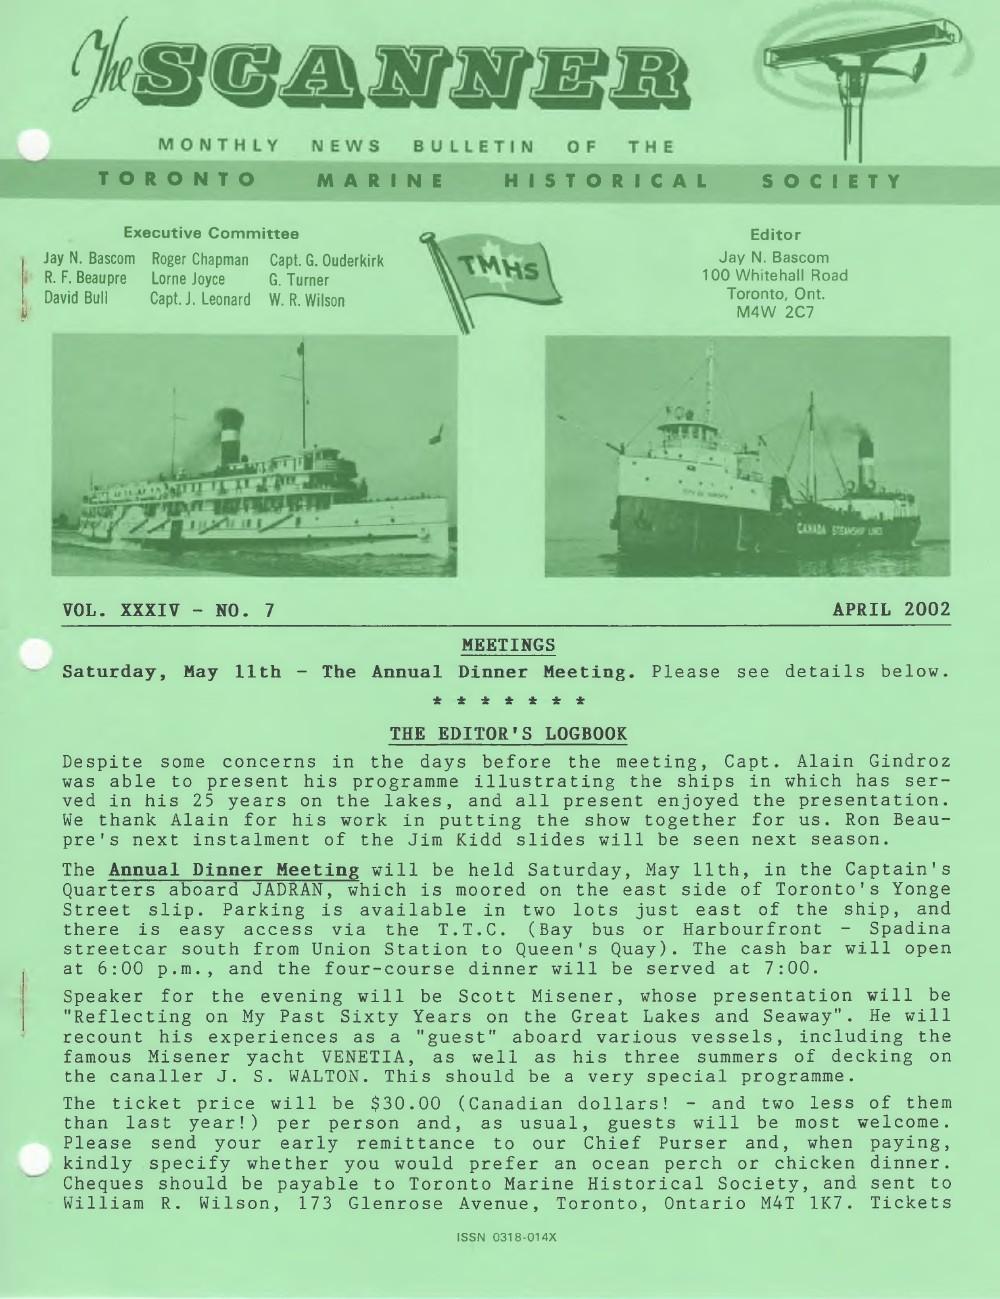 Scanner, v. 34, no. 7 (April 2002)